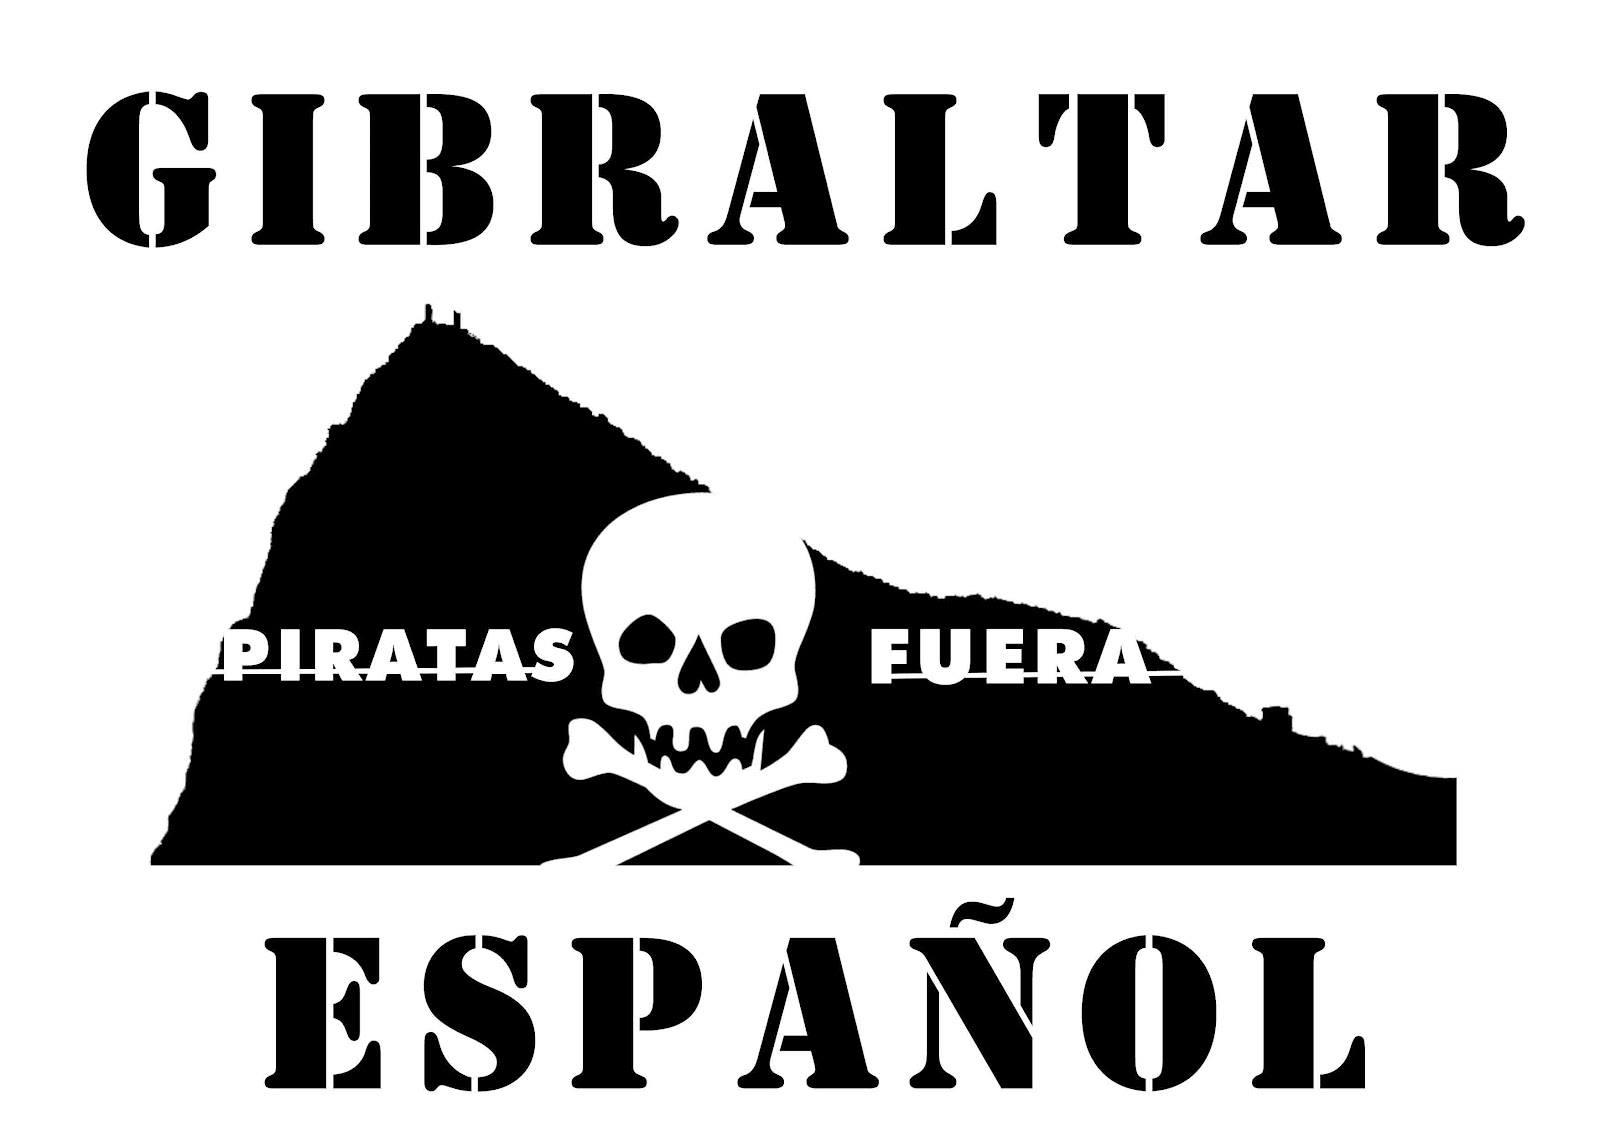 Recuperar Gibraltar y frenar la piratería británica